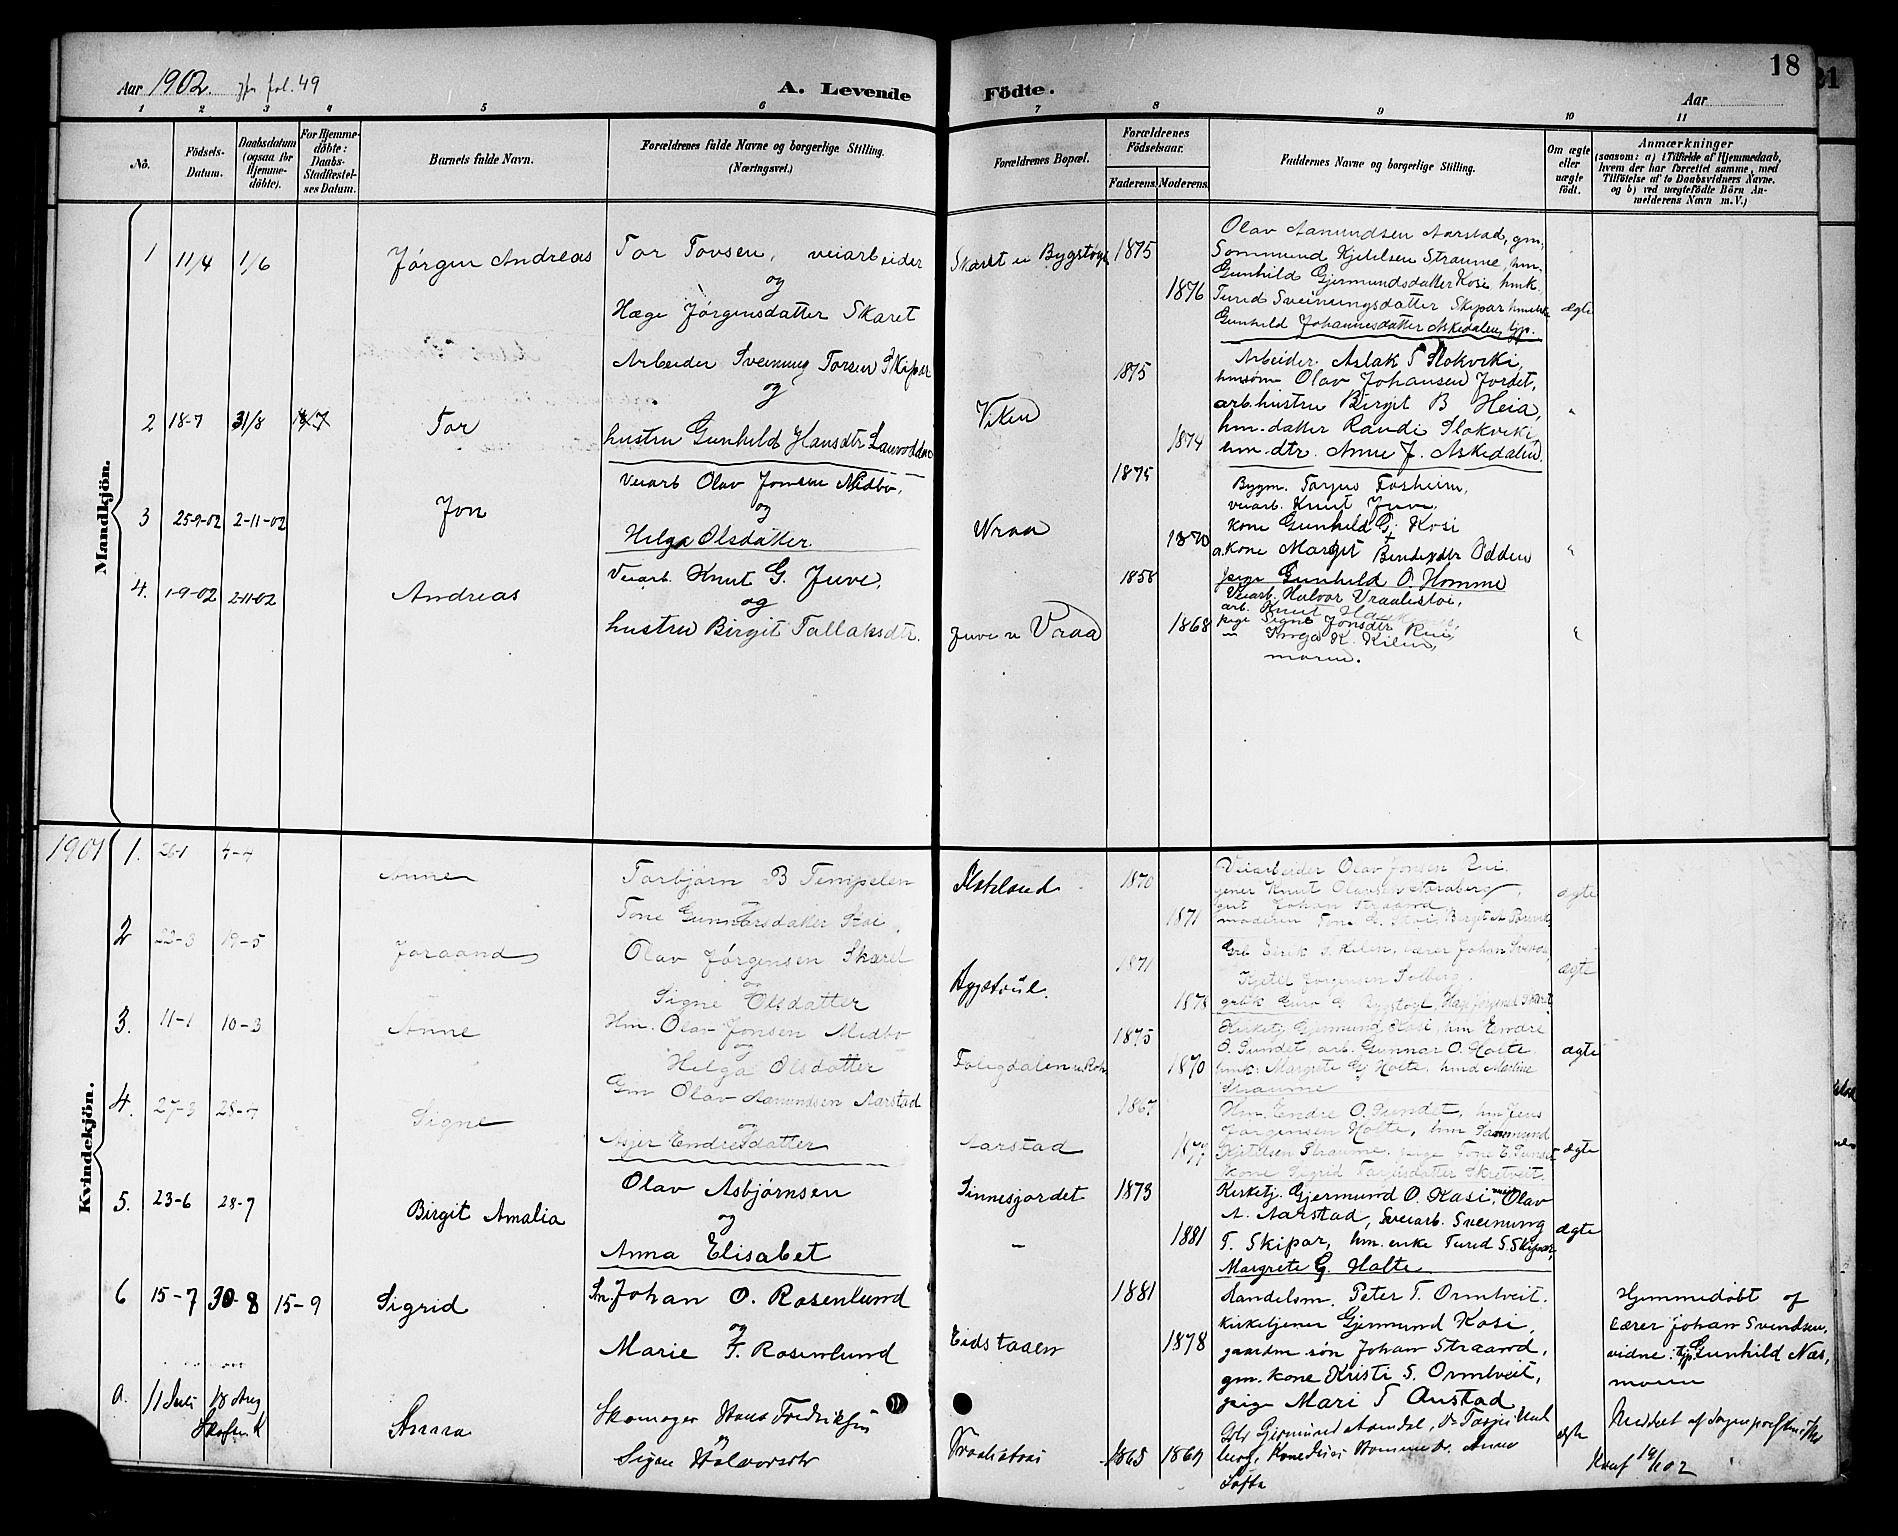 SAKO, Kviteseid kirkebøker, G/Gc/L0001: Klokkerbok nr. III 1, 1893-1916, s. 18